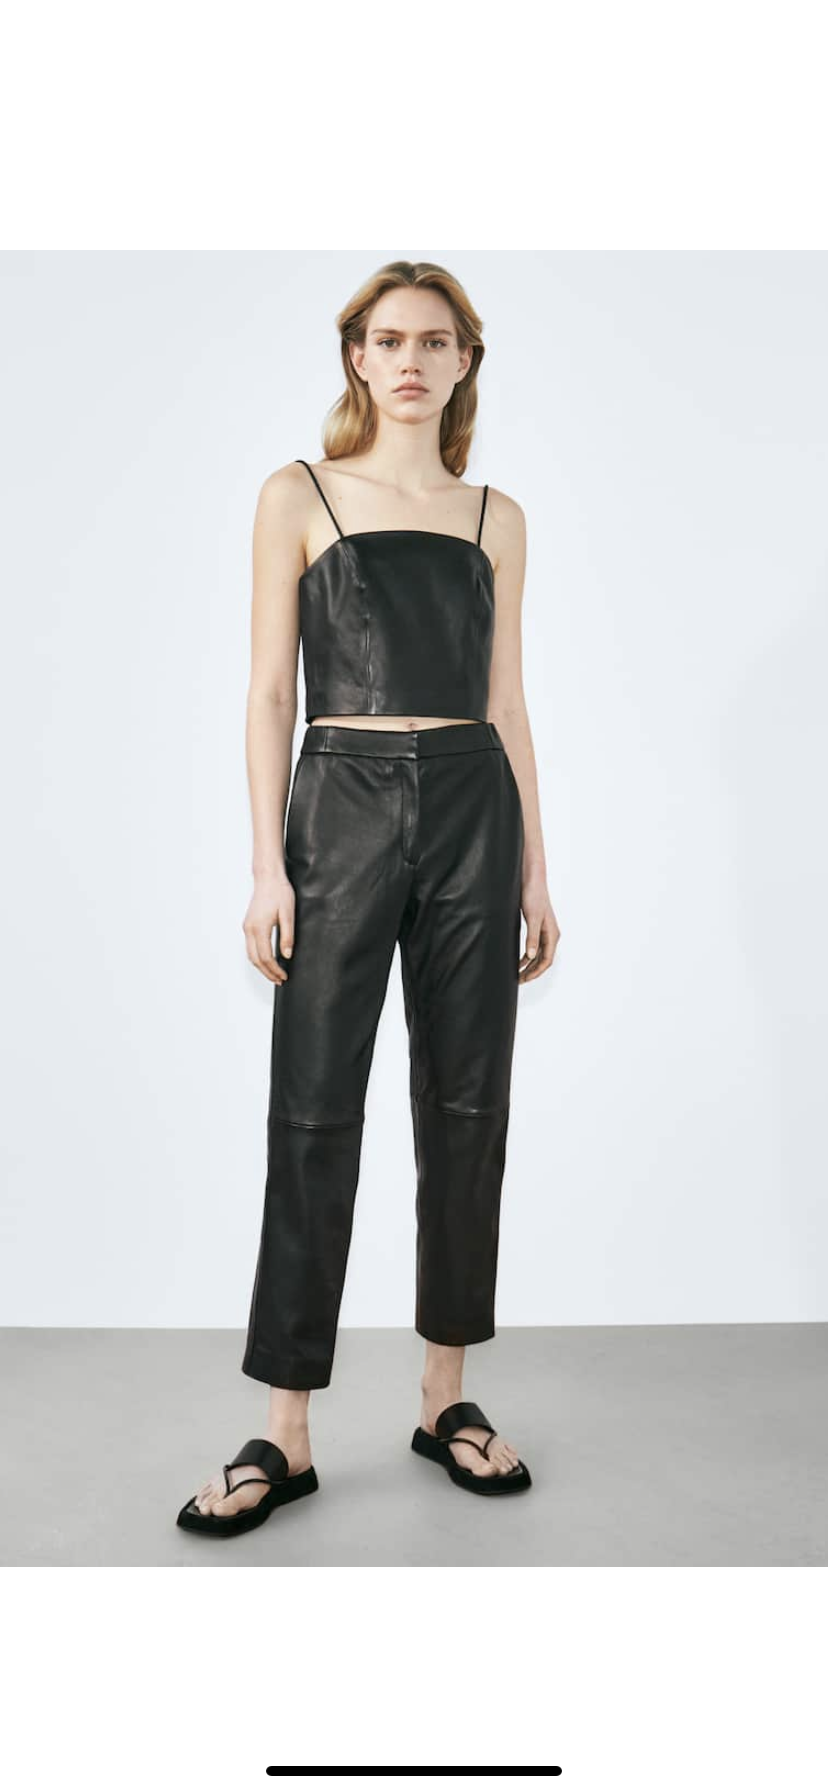 Кожаные брюки джоггеры Massimo Dutti , размер S/M 44